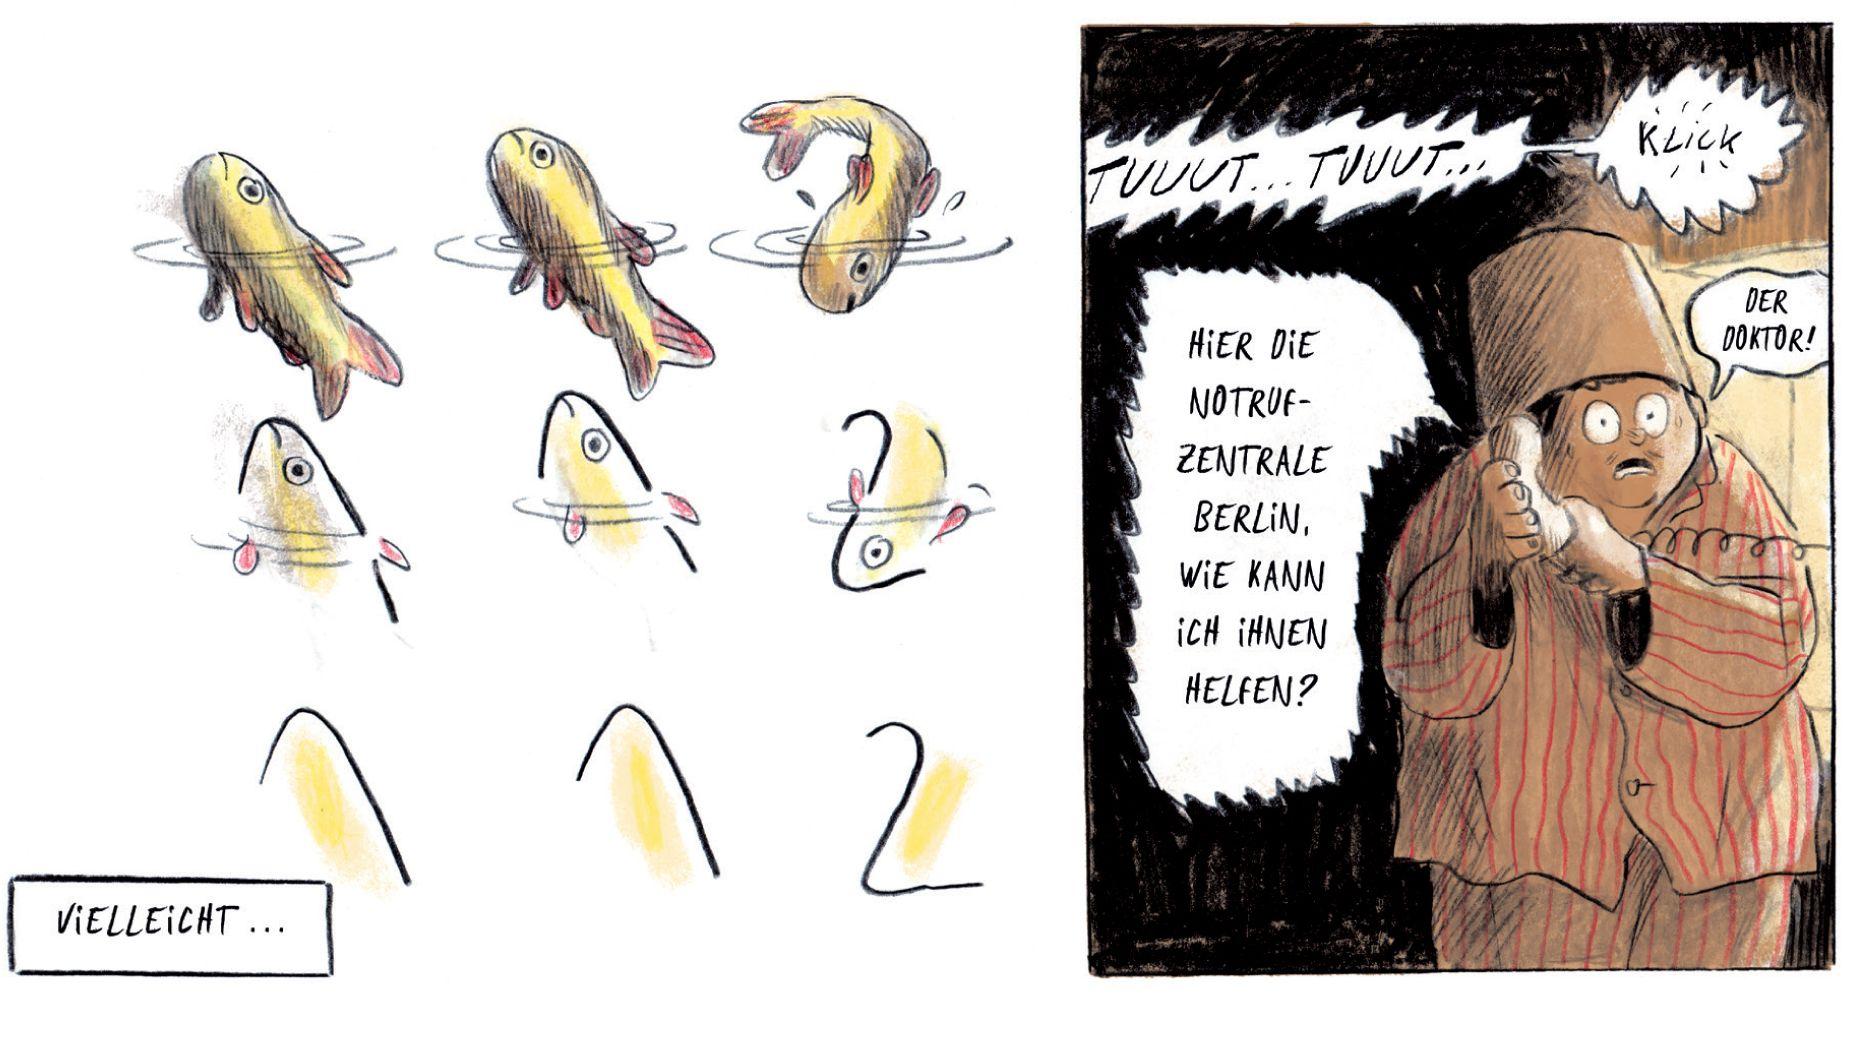 """Szene aus Mikaël Ross' Comic """"Der Umfall"""". Die Geschichte von Noel, der in einem inklusiven Dorf lebt, wurde mit dem Max und Moritz-Preis für den besten deutschsprachigen Comic ausgezeichnet."""